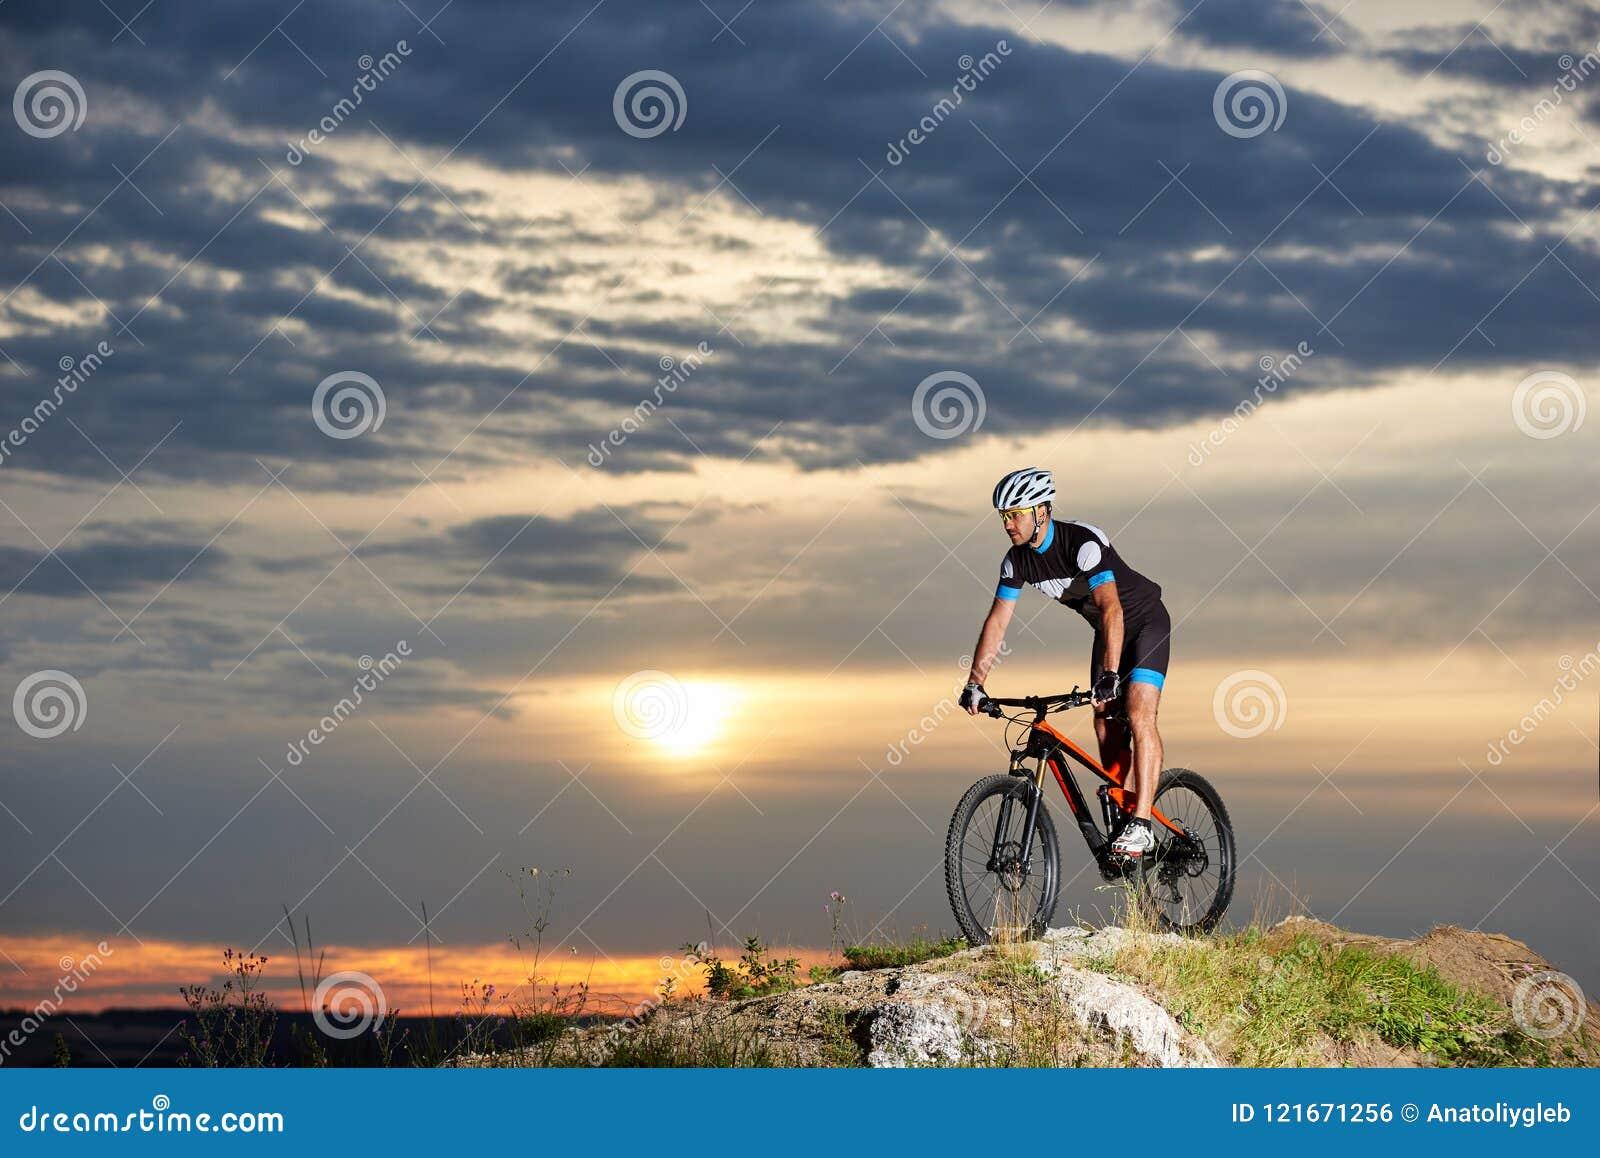 Energetic man in sportswear cycling on rock hill.